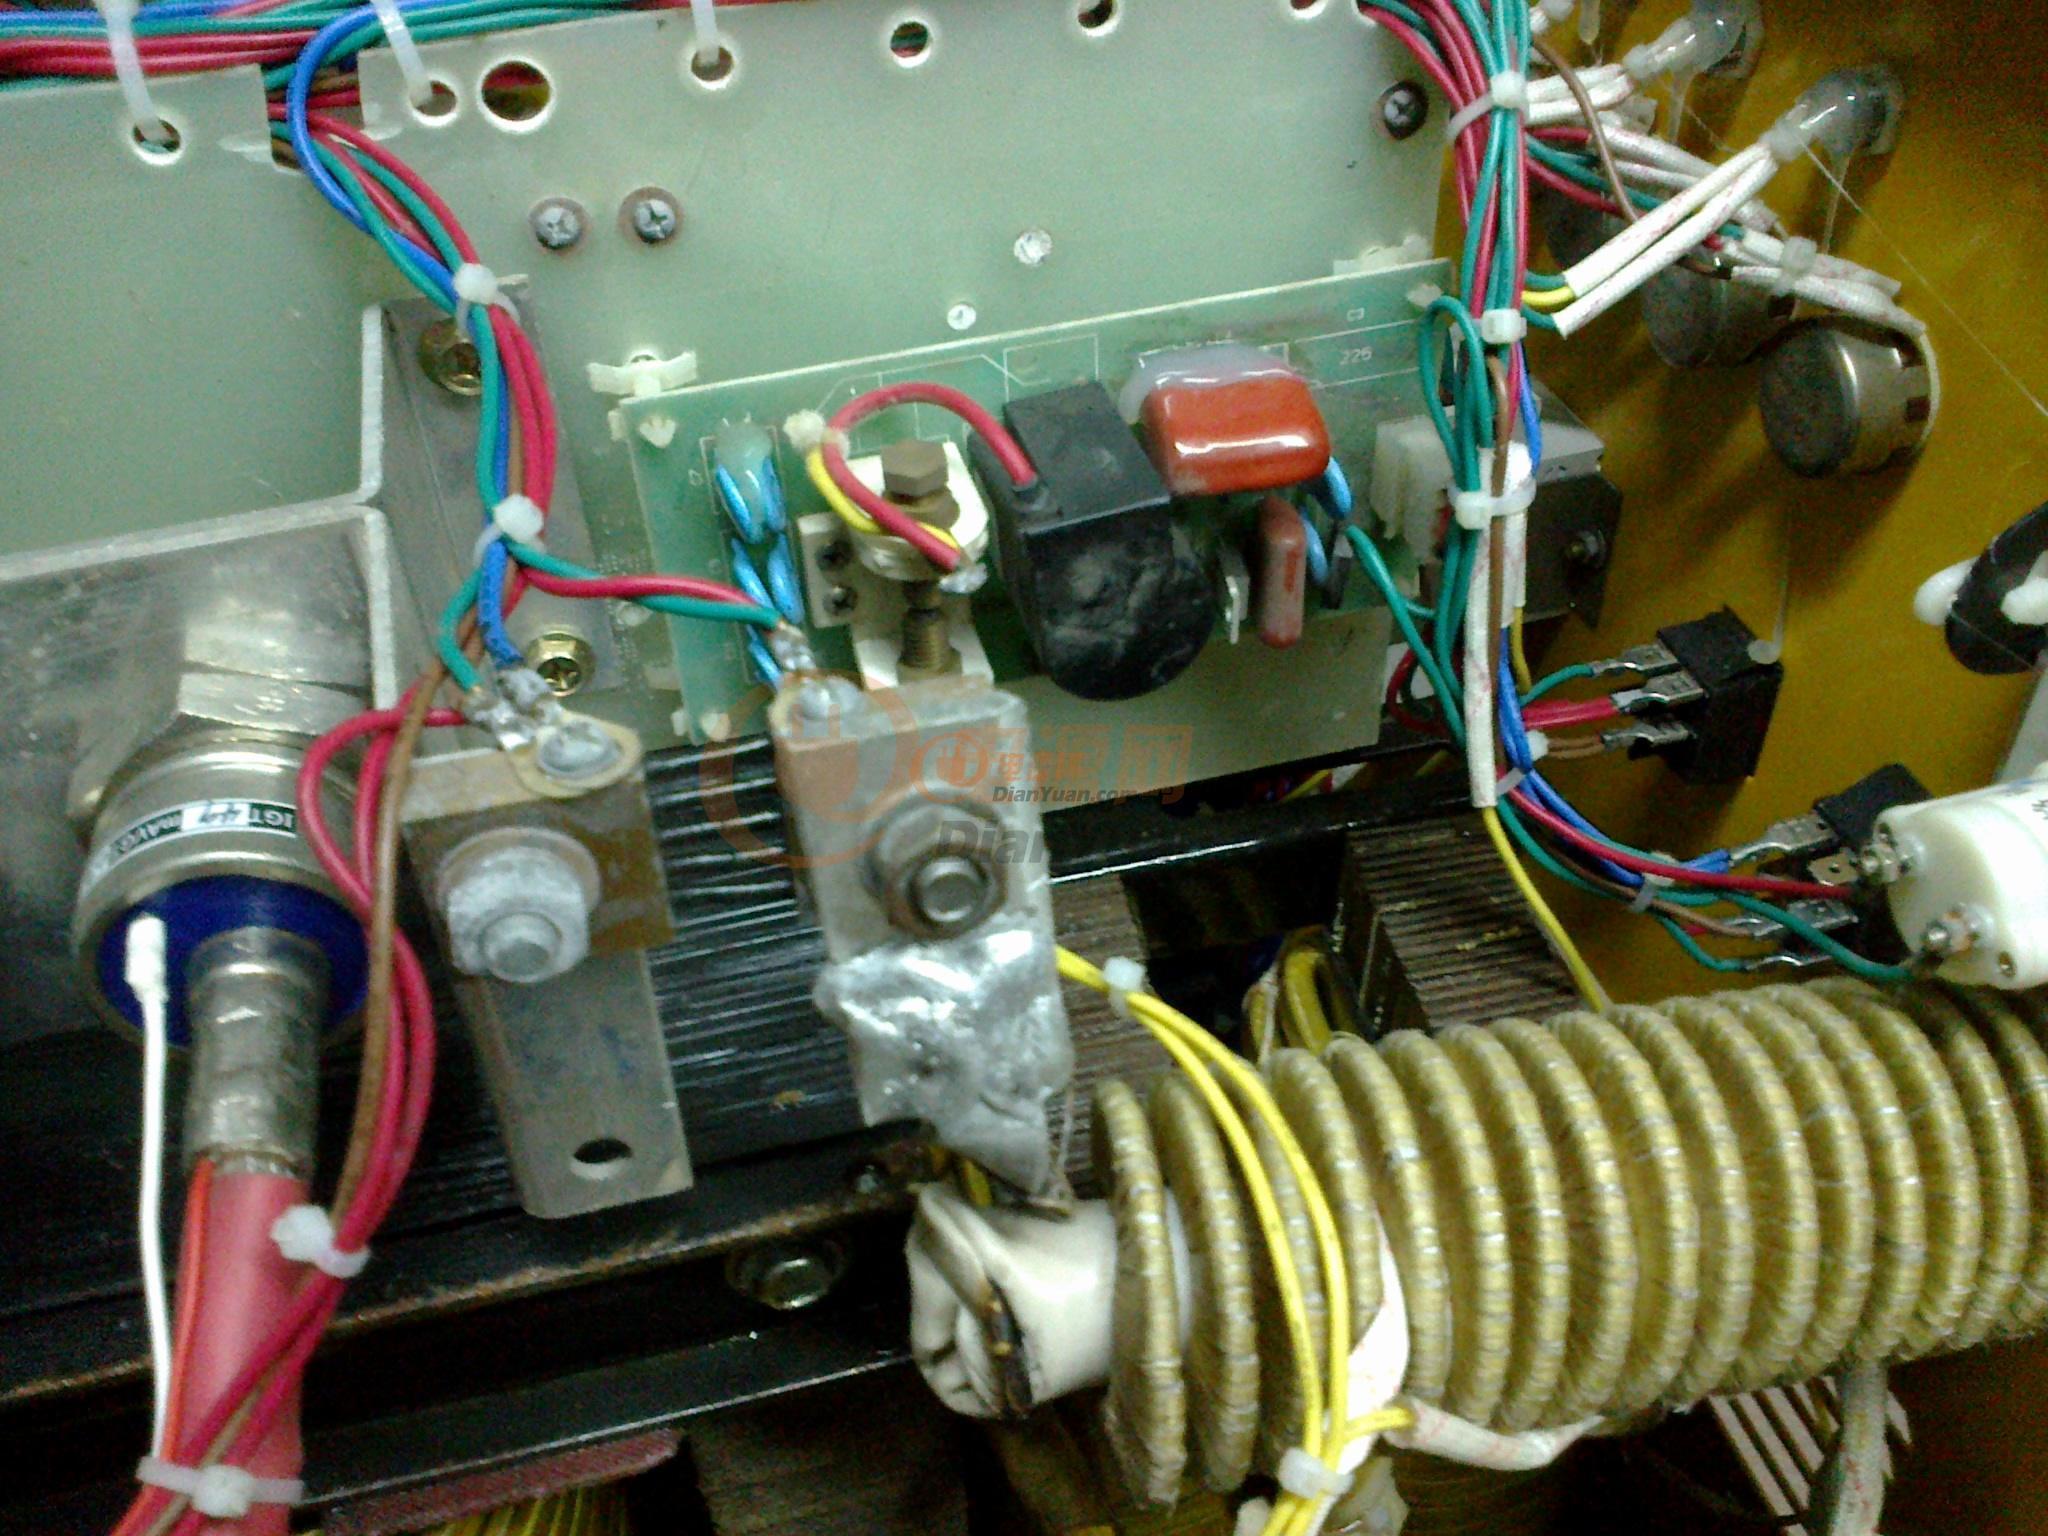 现有一台WSM-250的氩弧焊机用的以下线路板,出现的问题是:在焊接的过程中会不定时的出现电流突然增大的情况,线路板都有换过新的也和旧的没有问题的机对换过,可控硅也换了,现在就是不知还有哪里还能影响电流了,望大侠们帮忙分析下是哪出了问题